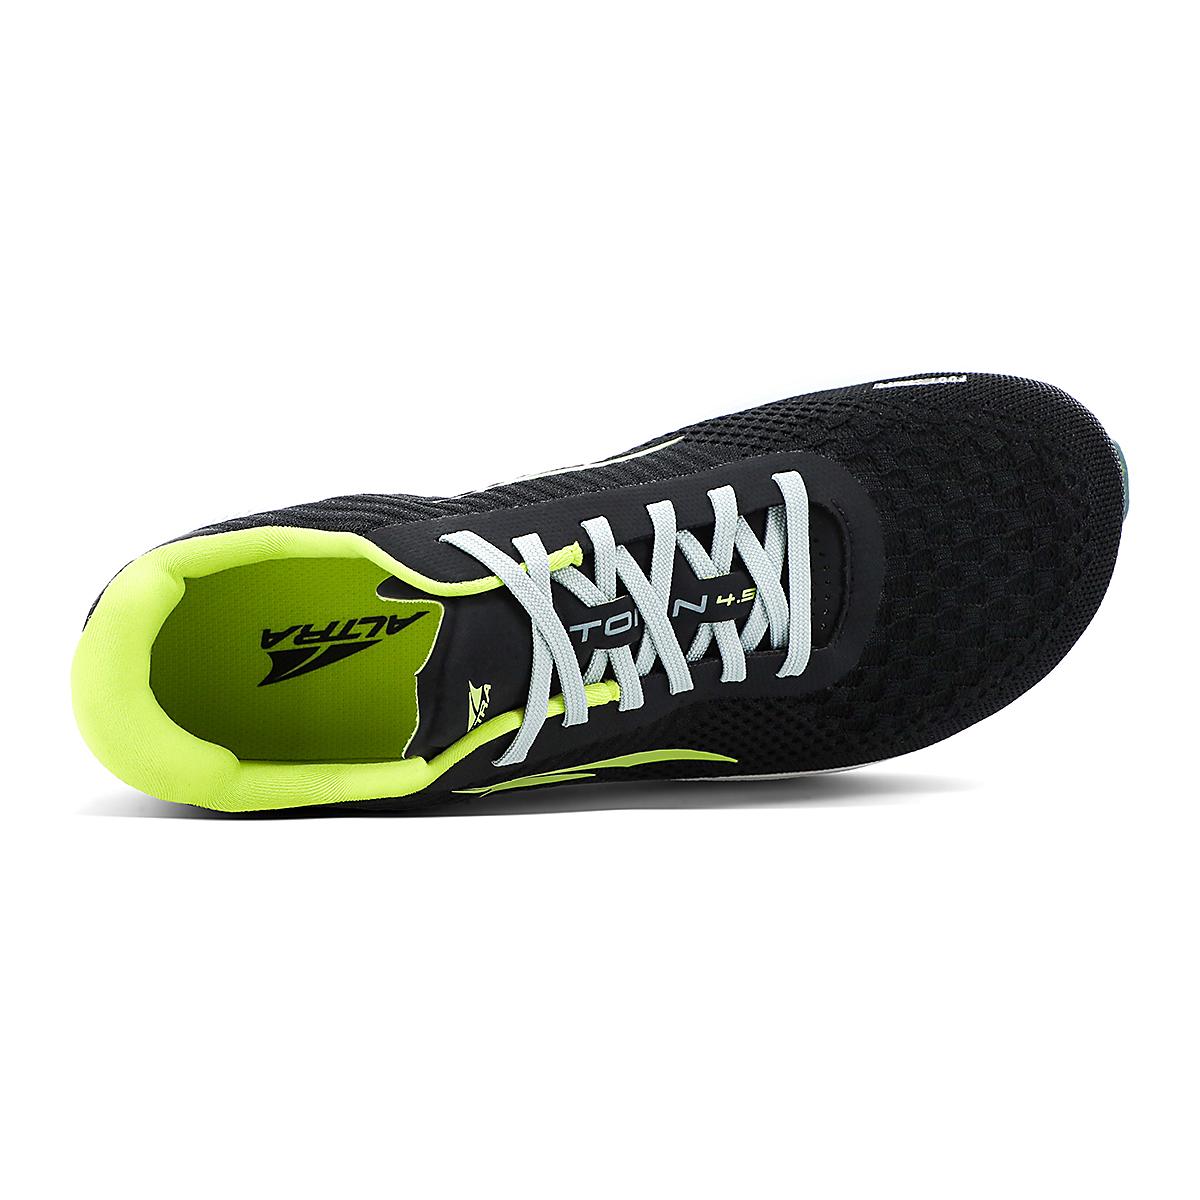 Men's Altra Torin 4.5 Plush Running Shoe - Color: Black/Lime - Size: 7 - Width: Regular, Black/Lime, large, image 3